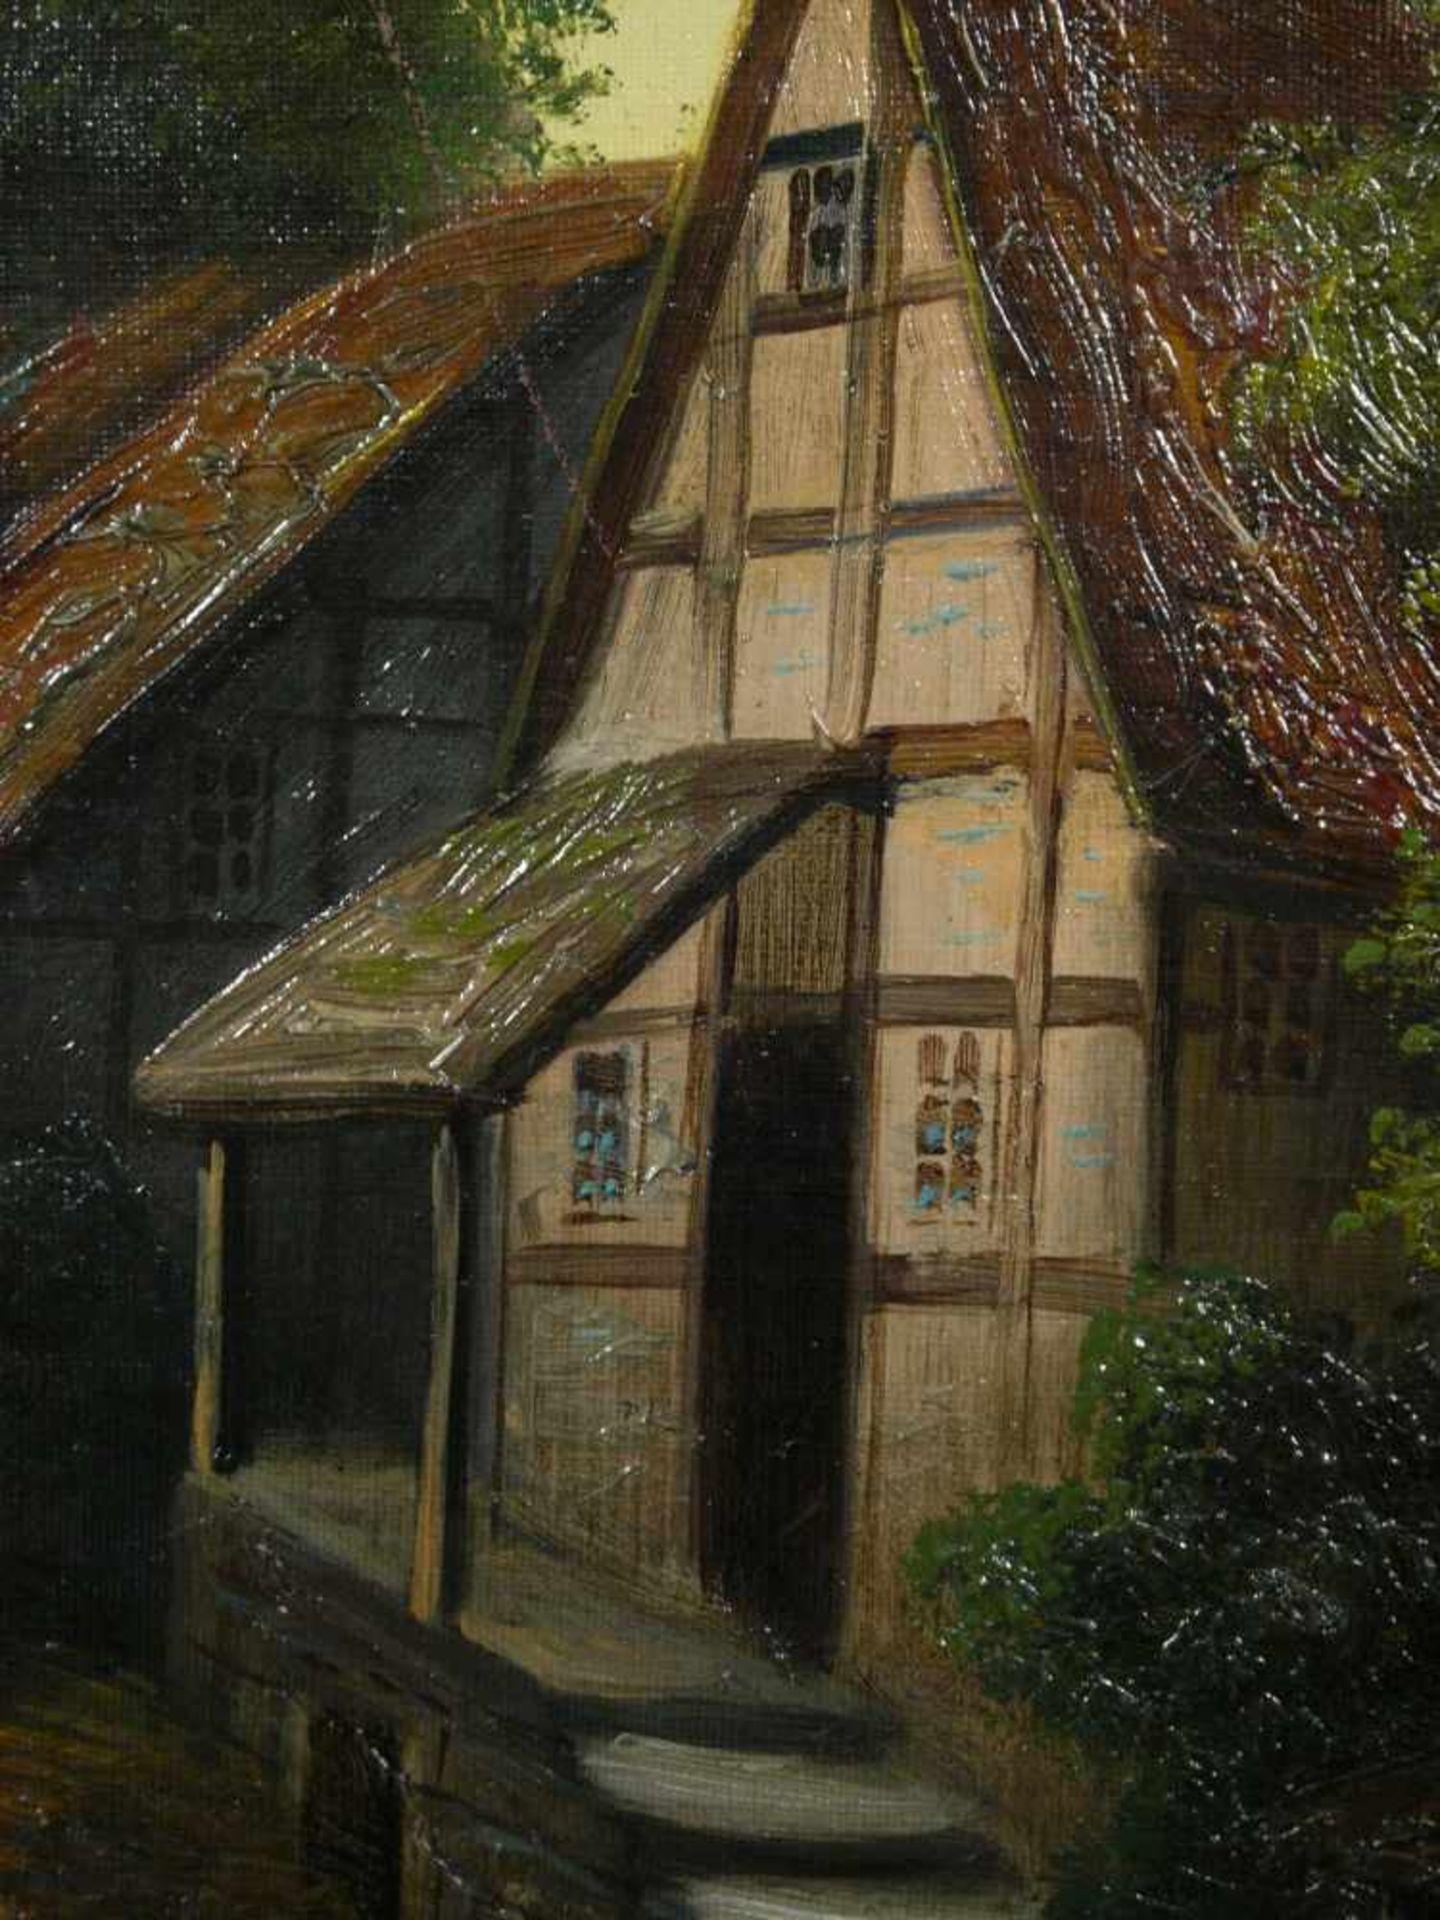 Moser, Herrmann (1835-?) - Dorfstraße in NiederbayernBlick in eine typisch bayerisch dörfliche - Bild 5 aus 6